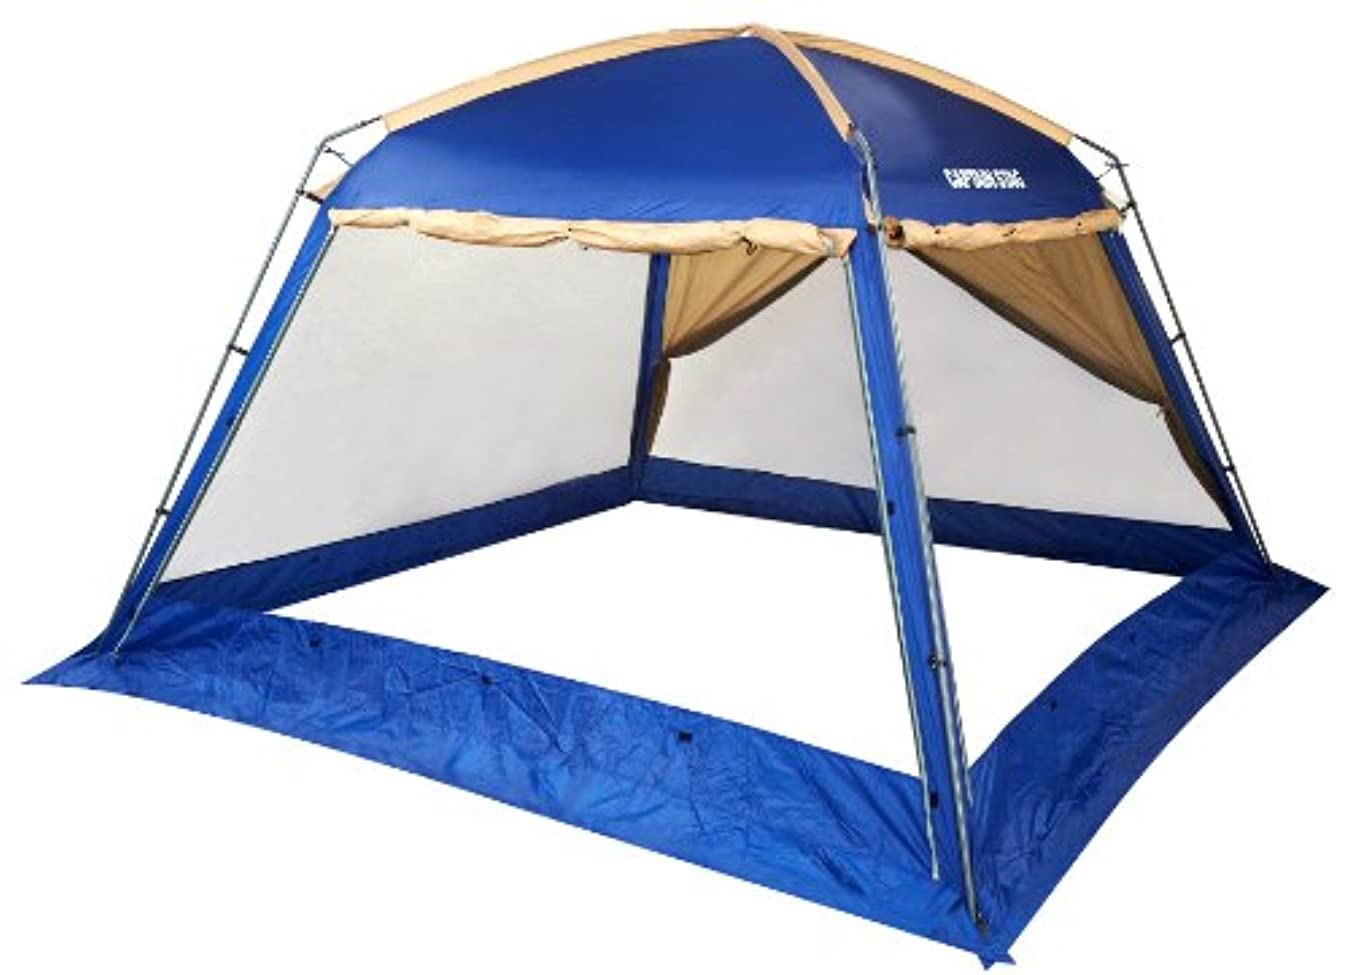 サイレントレギュラー不十分なキャプテンスタッグ(CAPTAIN STAG) キャンプ用品 テント オルディナ リビングスクリーンドーム340UVM-3171